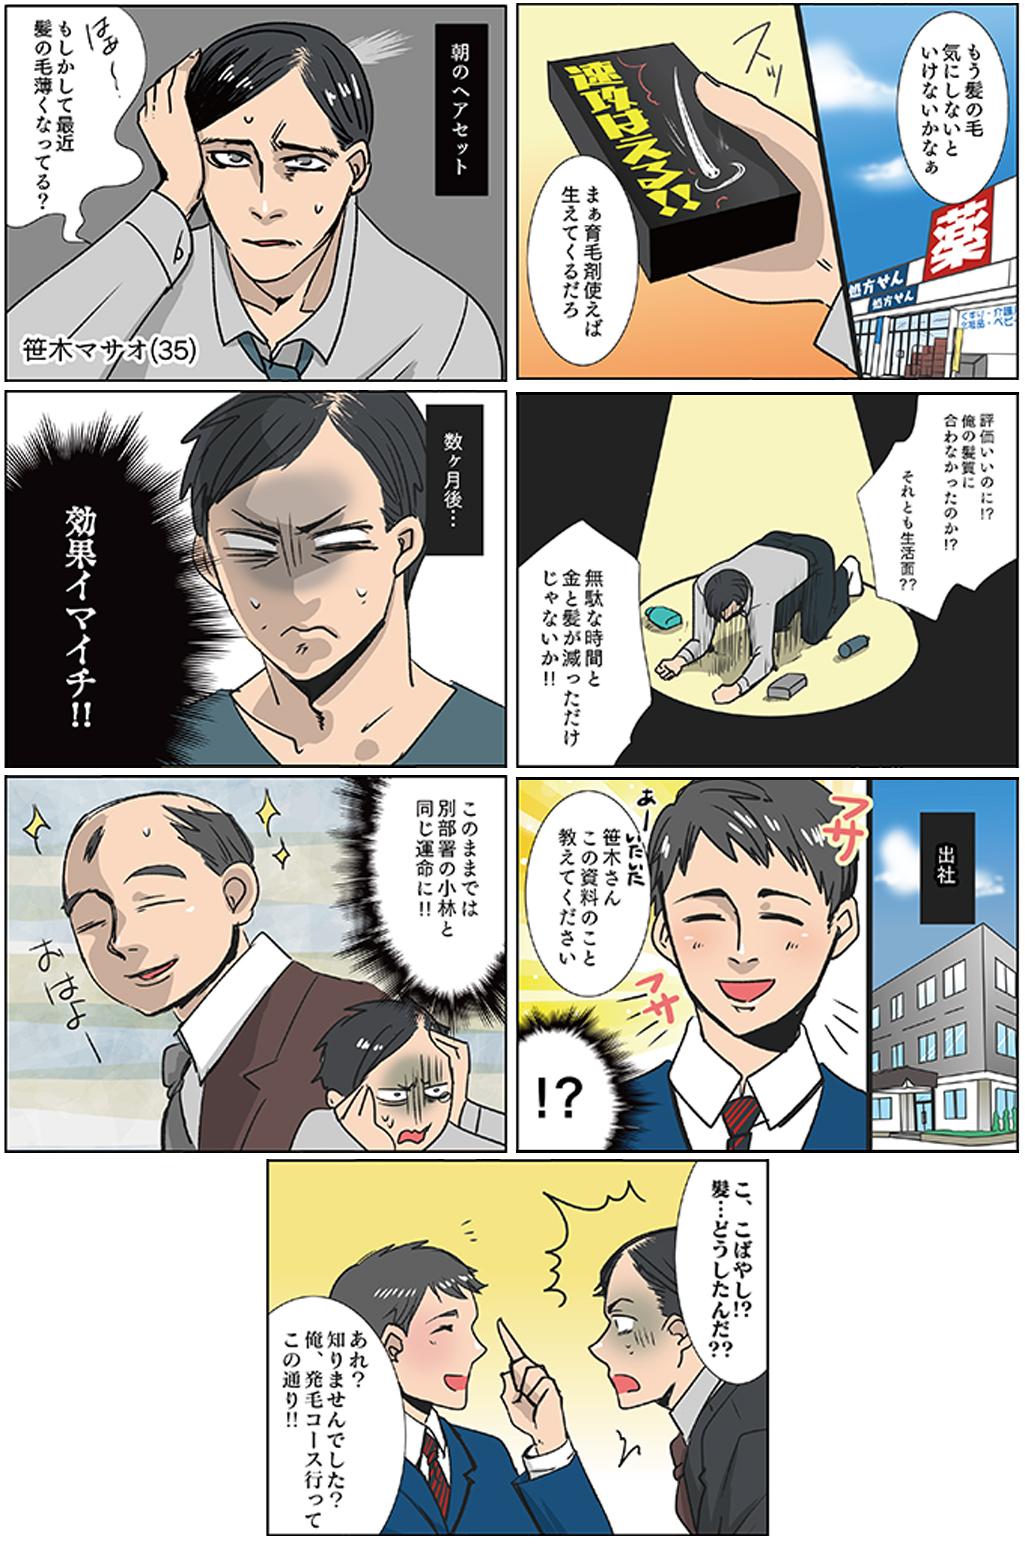 昭和区御器所トレサンパオム 薄毛漫画1